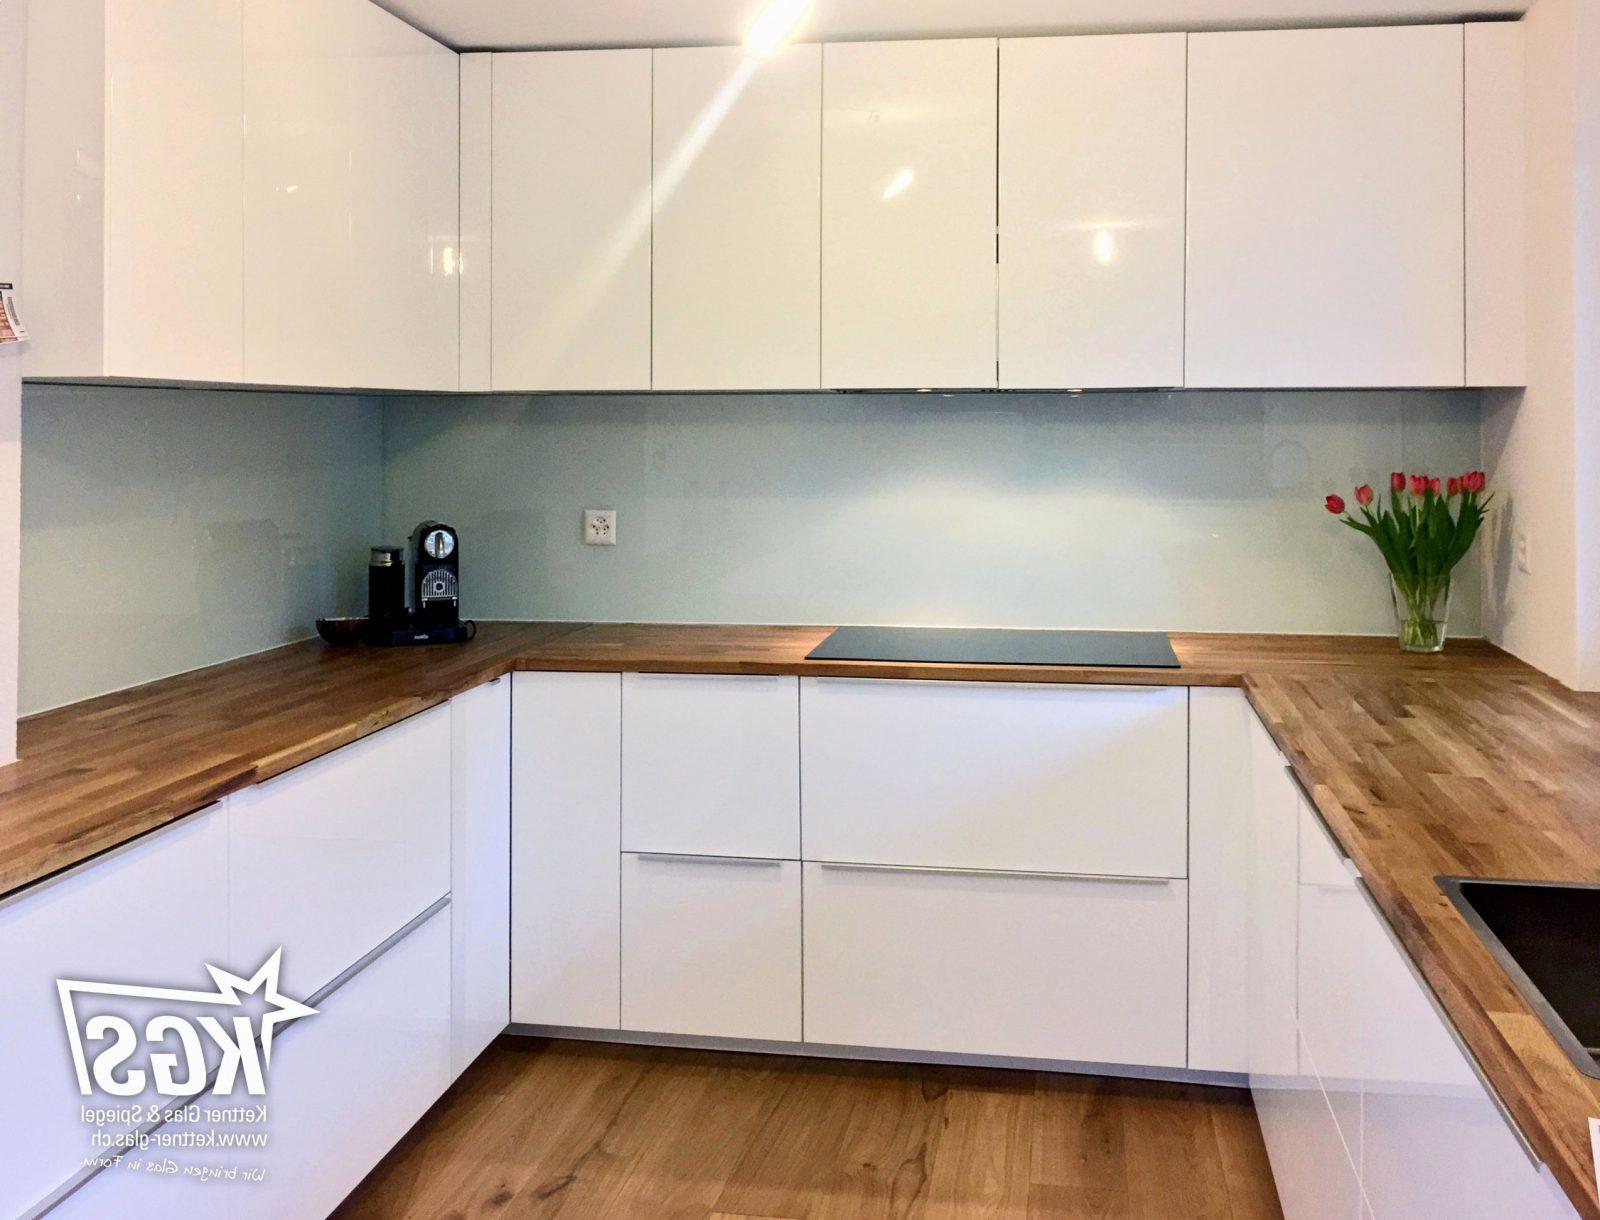 Spritzschutz Herd Selber Machen Luxus Glasrückwand Küche Selber von Spritzschutz Küche Selber Machen Bild